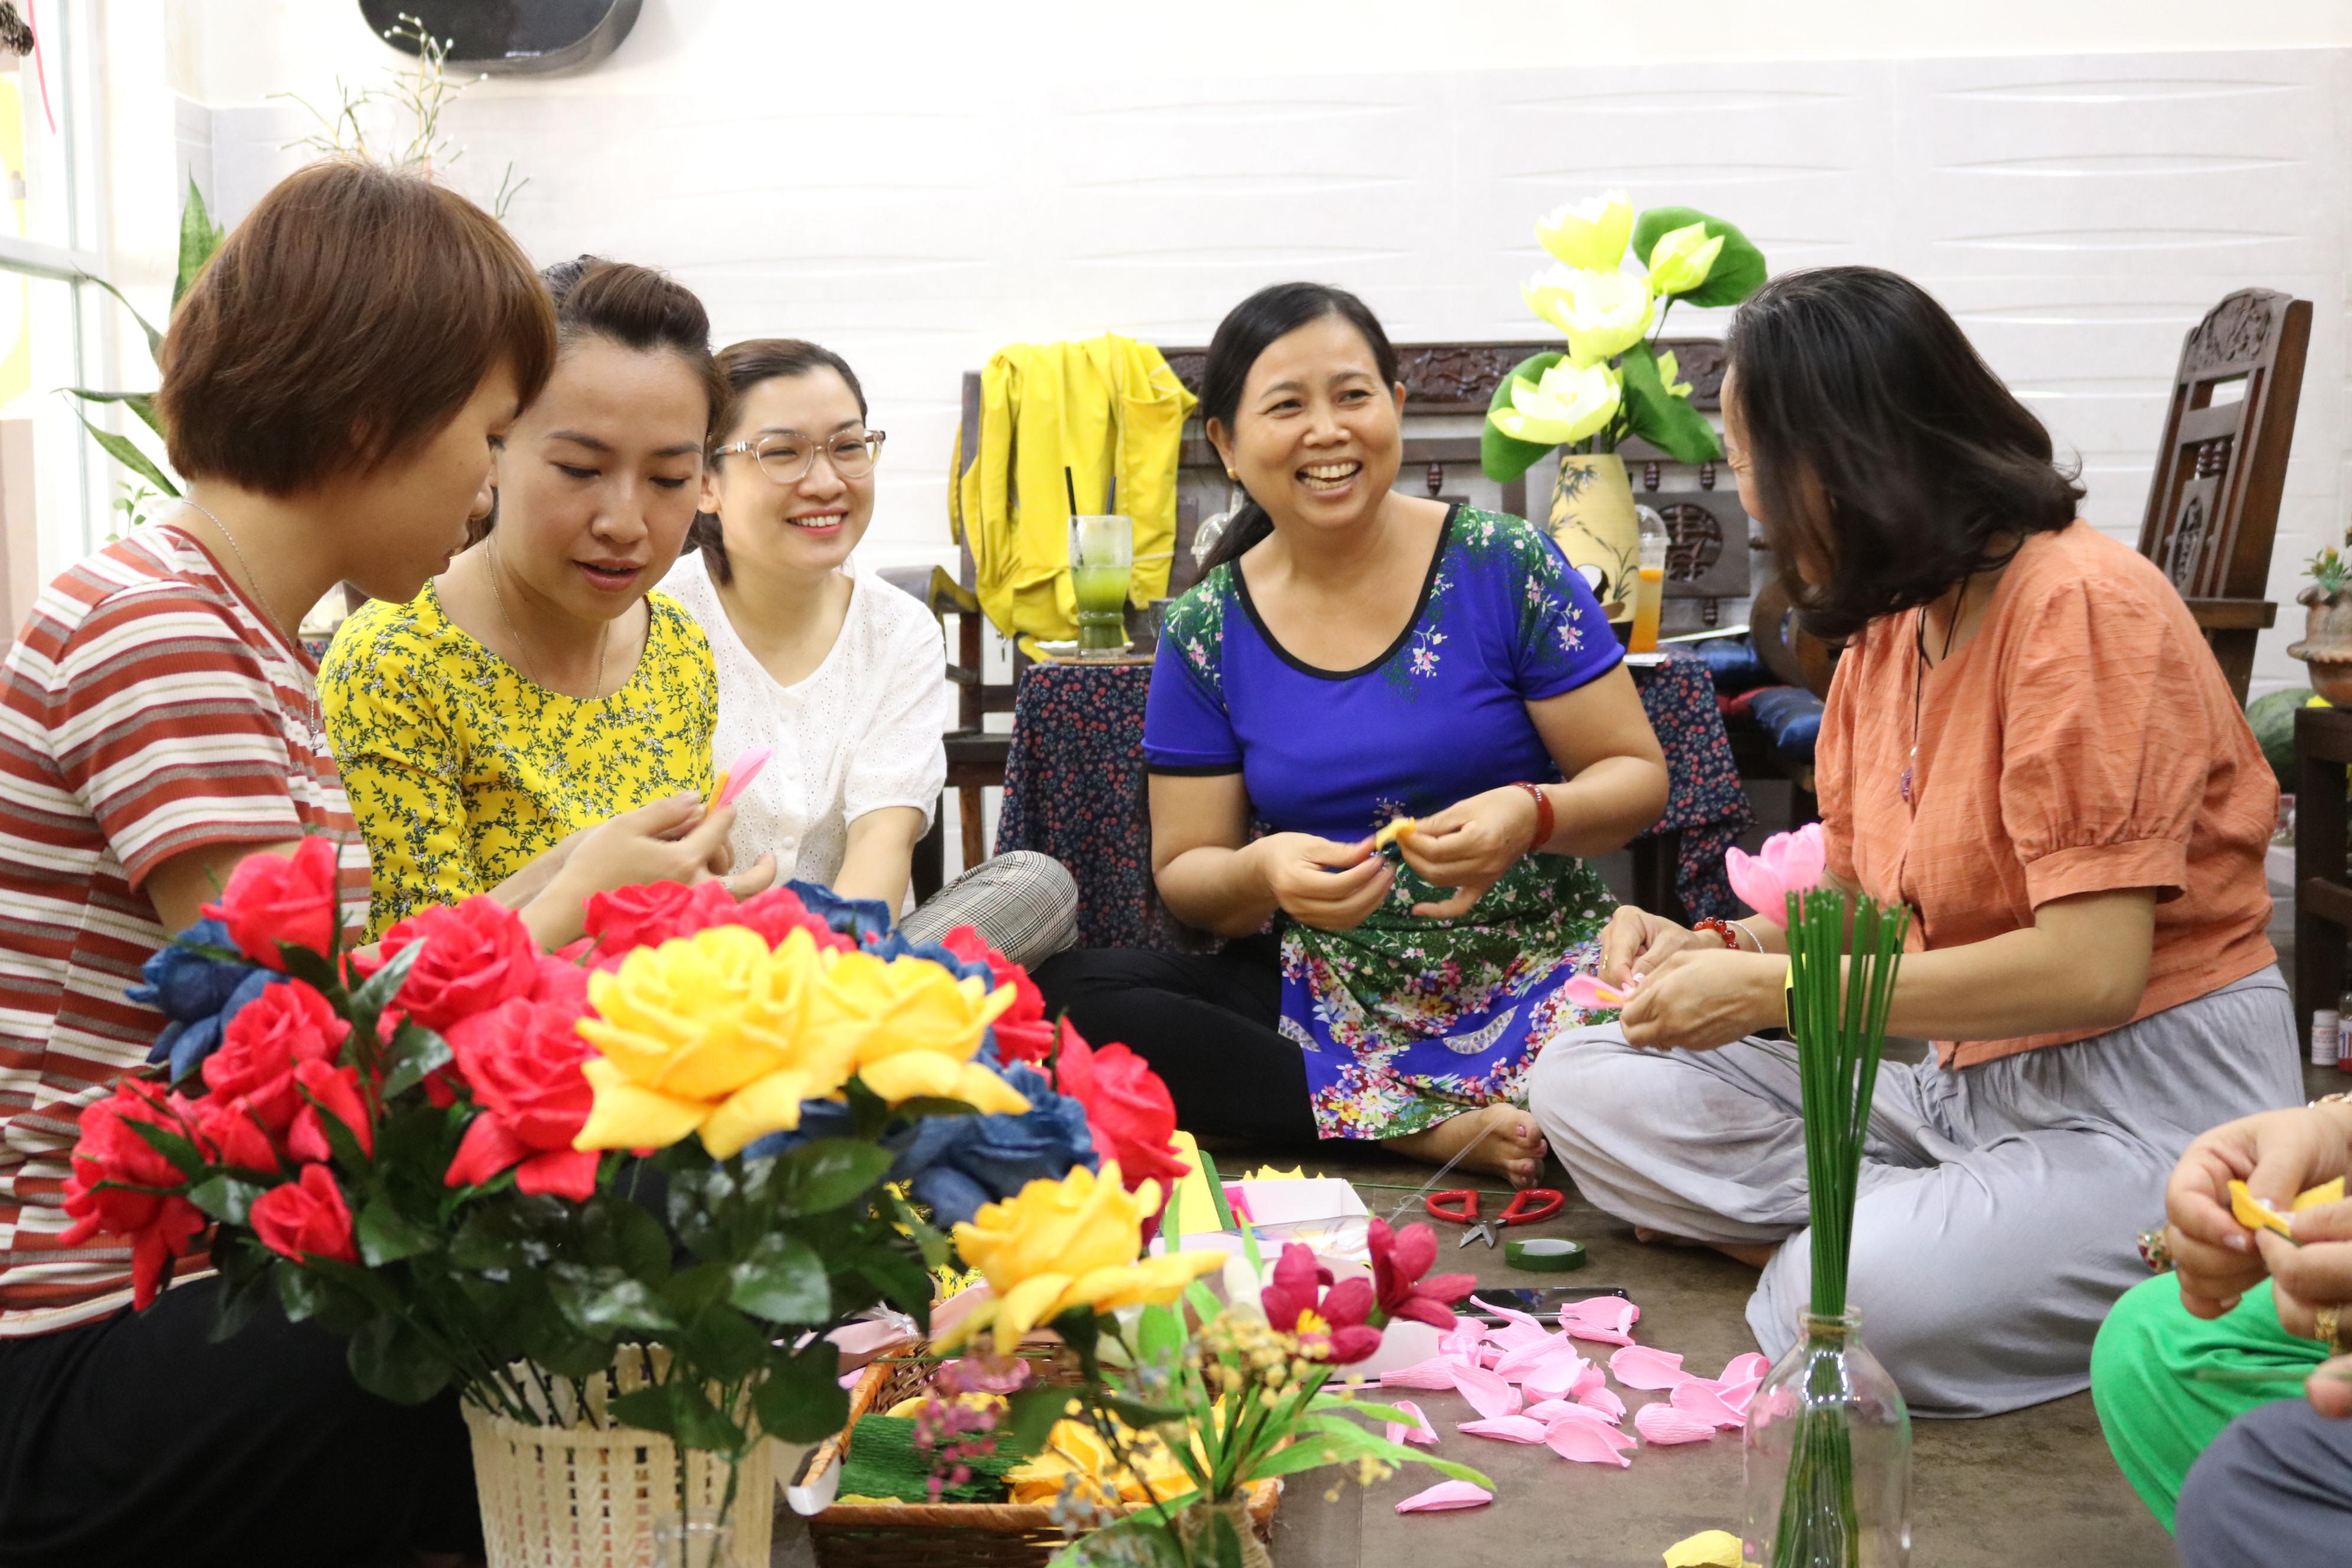 Để chị em trong phường ai cũng có một bông hoa thật đẹp vào ngày 8/3, cán bộ, hội viên phụ nữ phường Linh Đông, quận Thủ Đức đã hùn tiền mua nguyên vật liệu